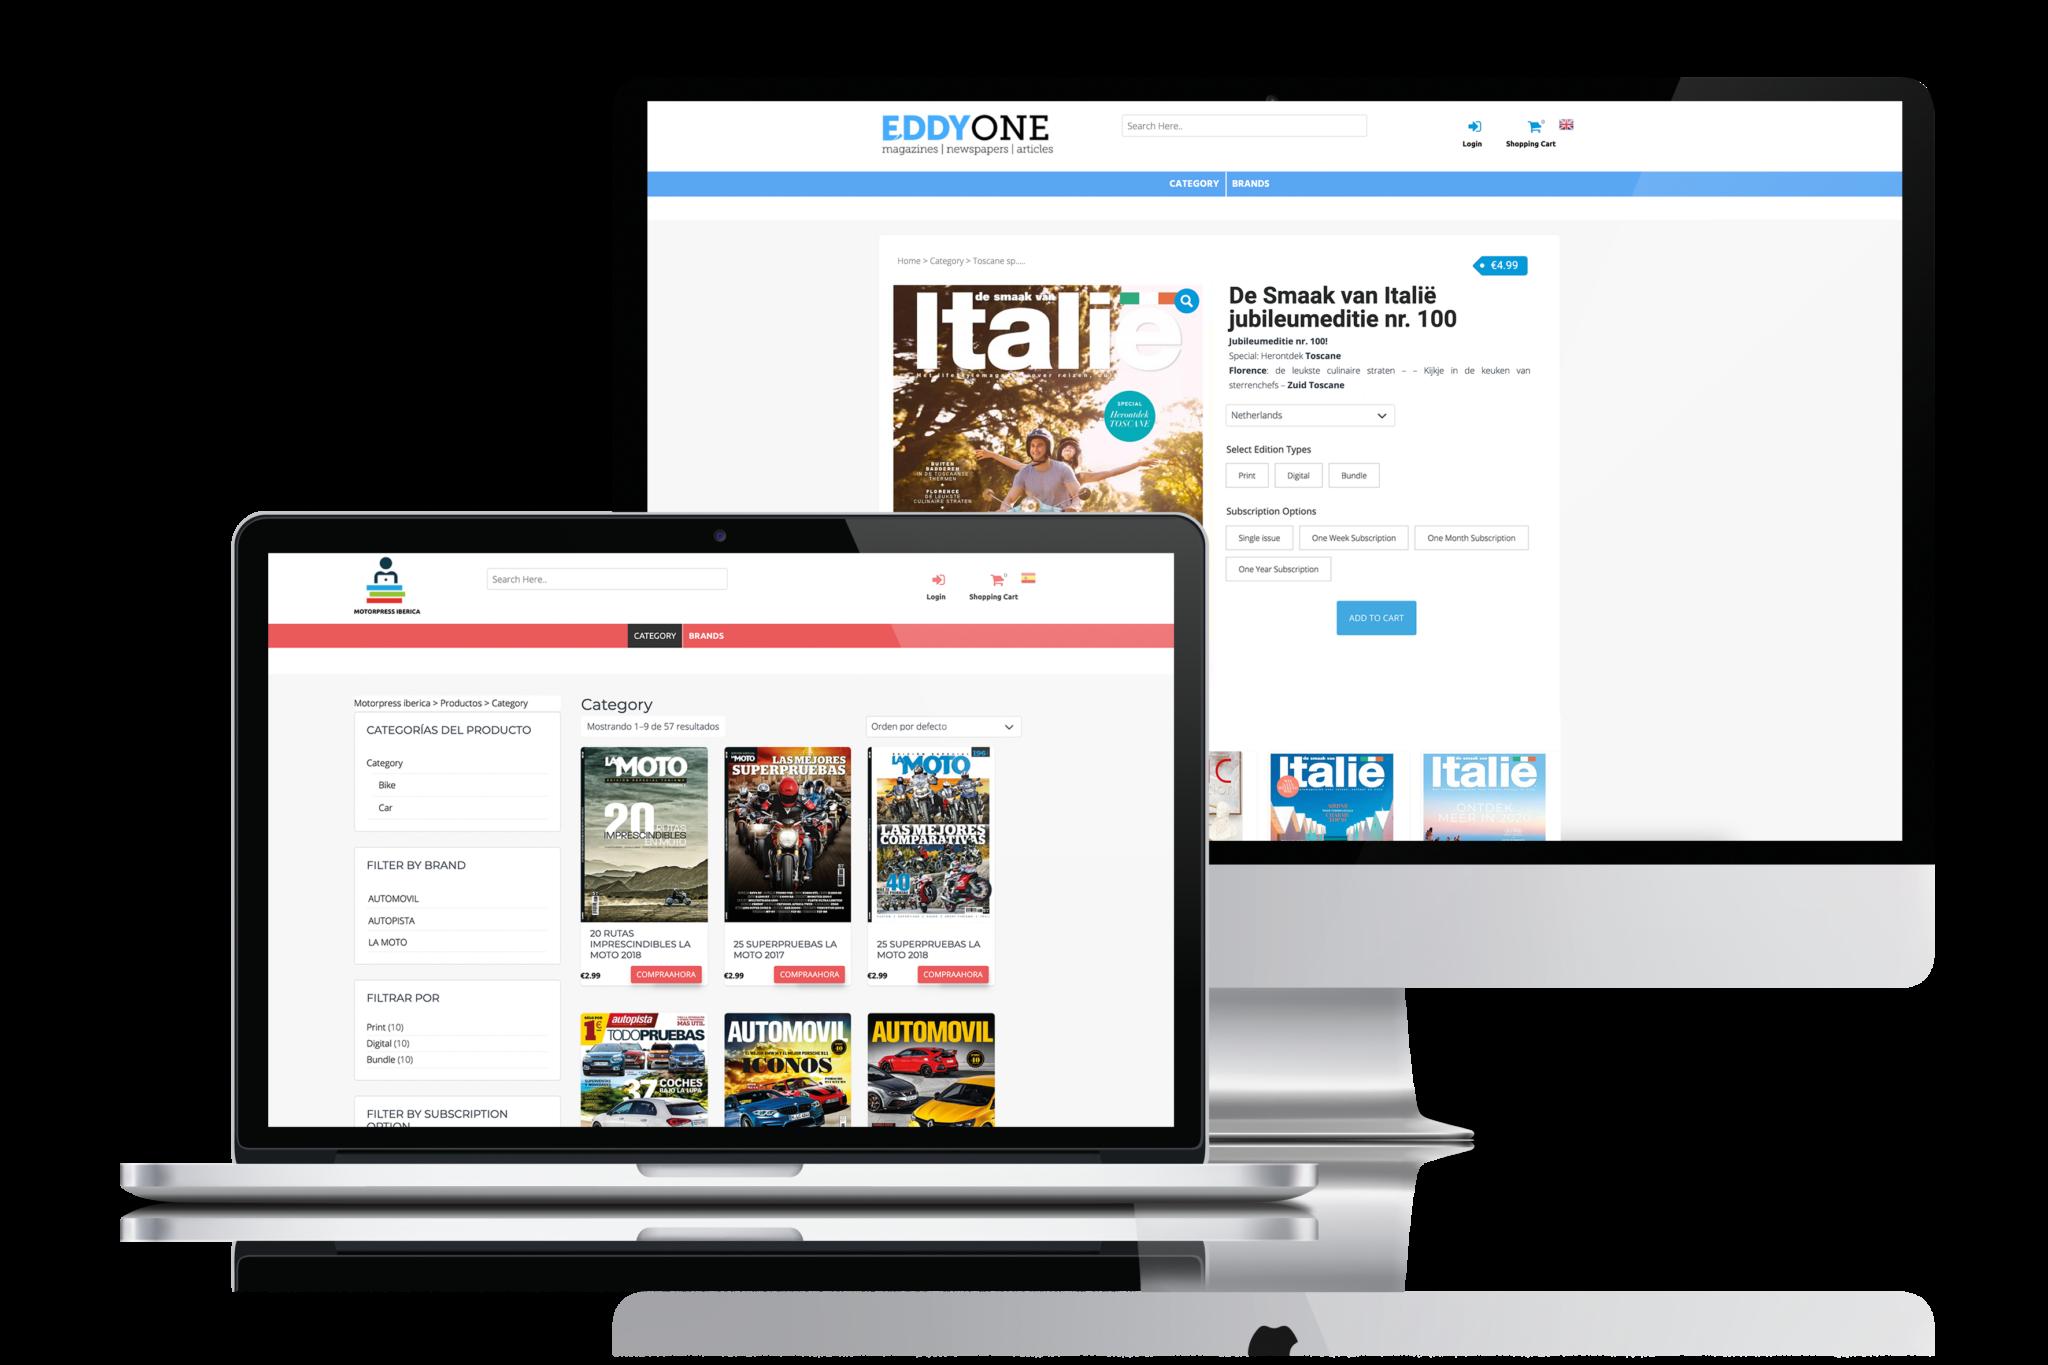 webshop publishers webshop publishing magazine selling